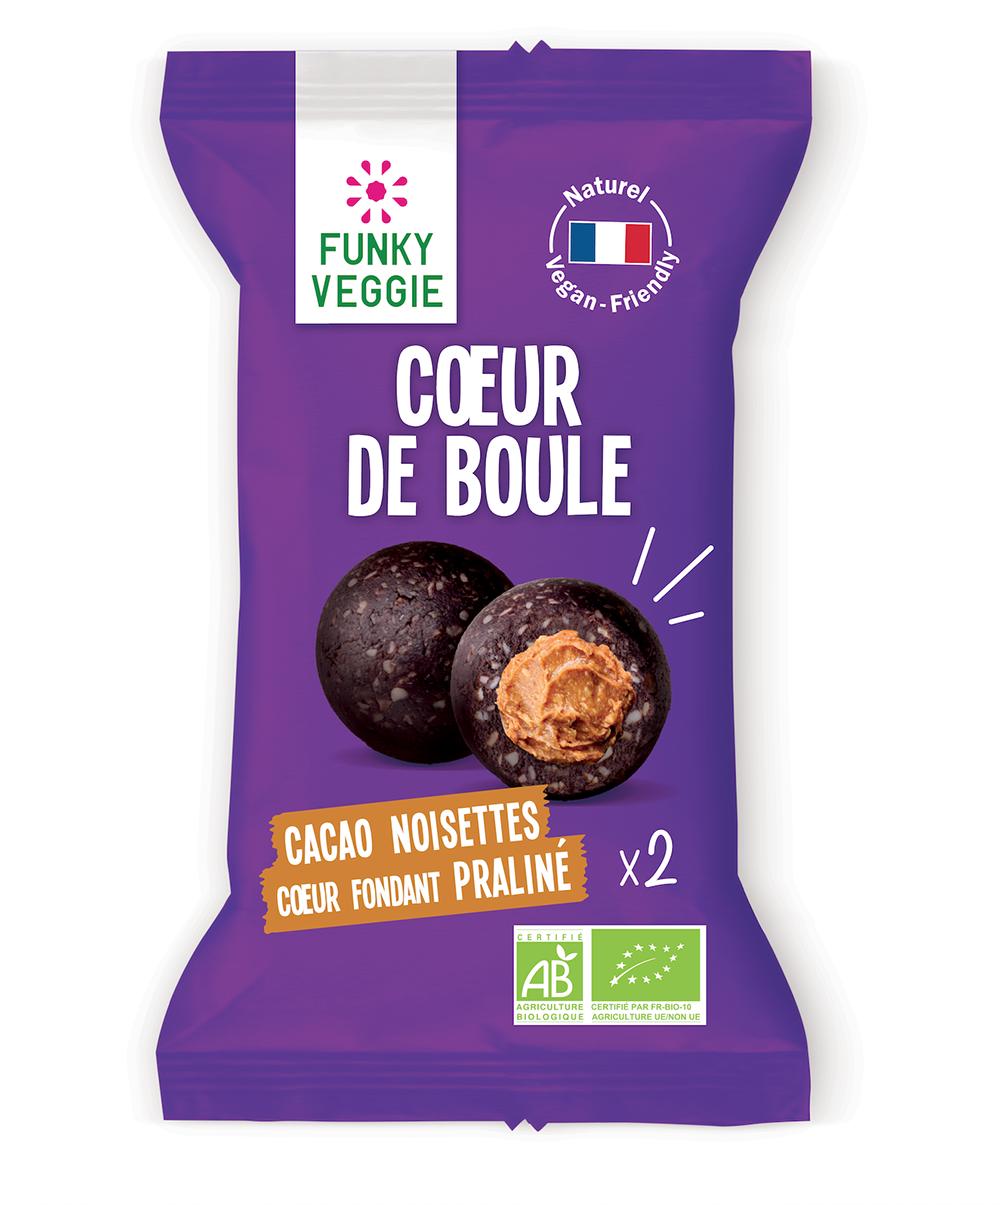 Coeur de boule Cacao Noisette coeur Praliné BIO, Funky Veggie (x 2, 44 g)